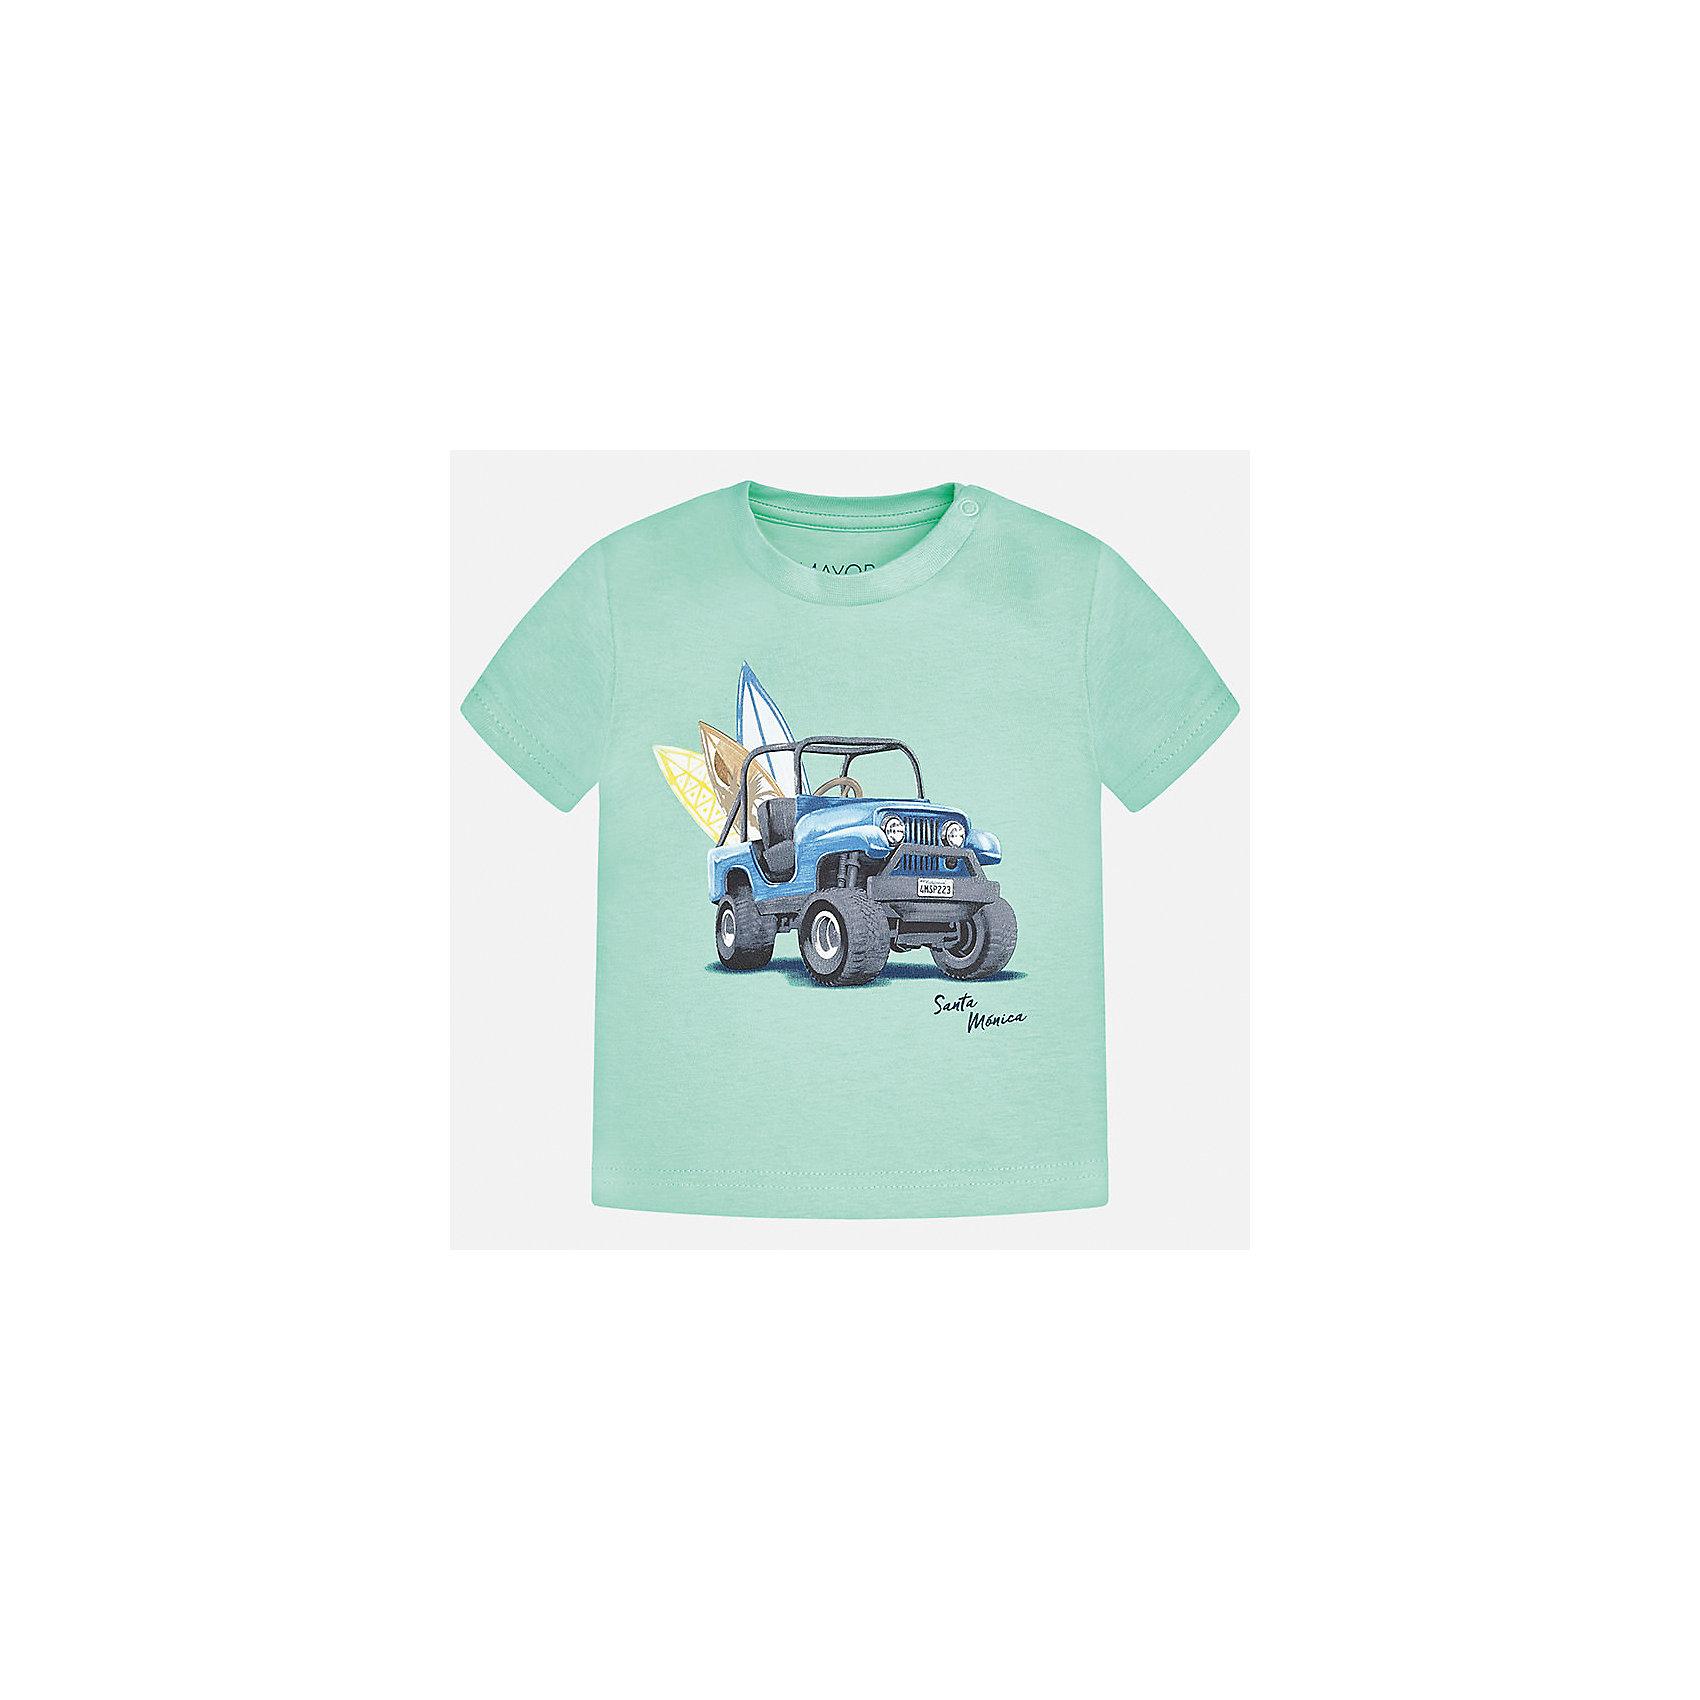 Футболка для мальчика MayoralФутболки, топы<br>Характеристики товара:<br><br>• цвет: мятный<br>• состав: 100% хлопок<br>• круглый горловой вырез<br>• декорирована принтом<br>• короткие рукава<br>• мягкая отделка горловины<br>• страна бренда: Испания<br><br>Красивая хлопковая футболка с принтом поможет разнообразить гардероб мальчика. Она отлично сочетается с брюками, шортами, джинсами. Универсальный крой и цвет позволяет подобрать к вещи низ разных расцветок. Практичное и стильное изделие! Хорошо смотрится и комфортно сидит на детях. В составе материала - только натуральный хлопок, гипоаллергенный, приятный на ощупь, дышащий. <br><br>Одежда, обувь и аксессуары от испанского бренда Mayoral полюбились детям и взрослым по всему миру. Модели этой марки - стильные и удобные. Для их производства используются только безопасные, качественные материалы и фурнитура. Порадуйте ребенка модными и красивыми вещами от Mayoral! <br><br>Футболку для мальчика от испанского бренда Mayoral (Майорал) можно купить в нашем интернет-магазине.<br><br>Ширина мм: 199<br>Глубина мм: 10<br>Высота мм: 161<br>Вес г: 151<br>Цвет: зеленый<br>Возраст от месяцев: 18<br>Возраст до месяцев: 24<br>Пол: Мужской<br>Возраст: Детский<br>Размер: 92,80,86<br>SKU: 5278493